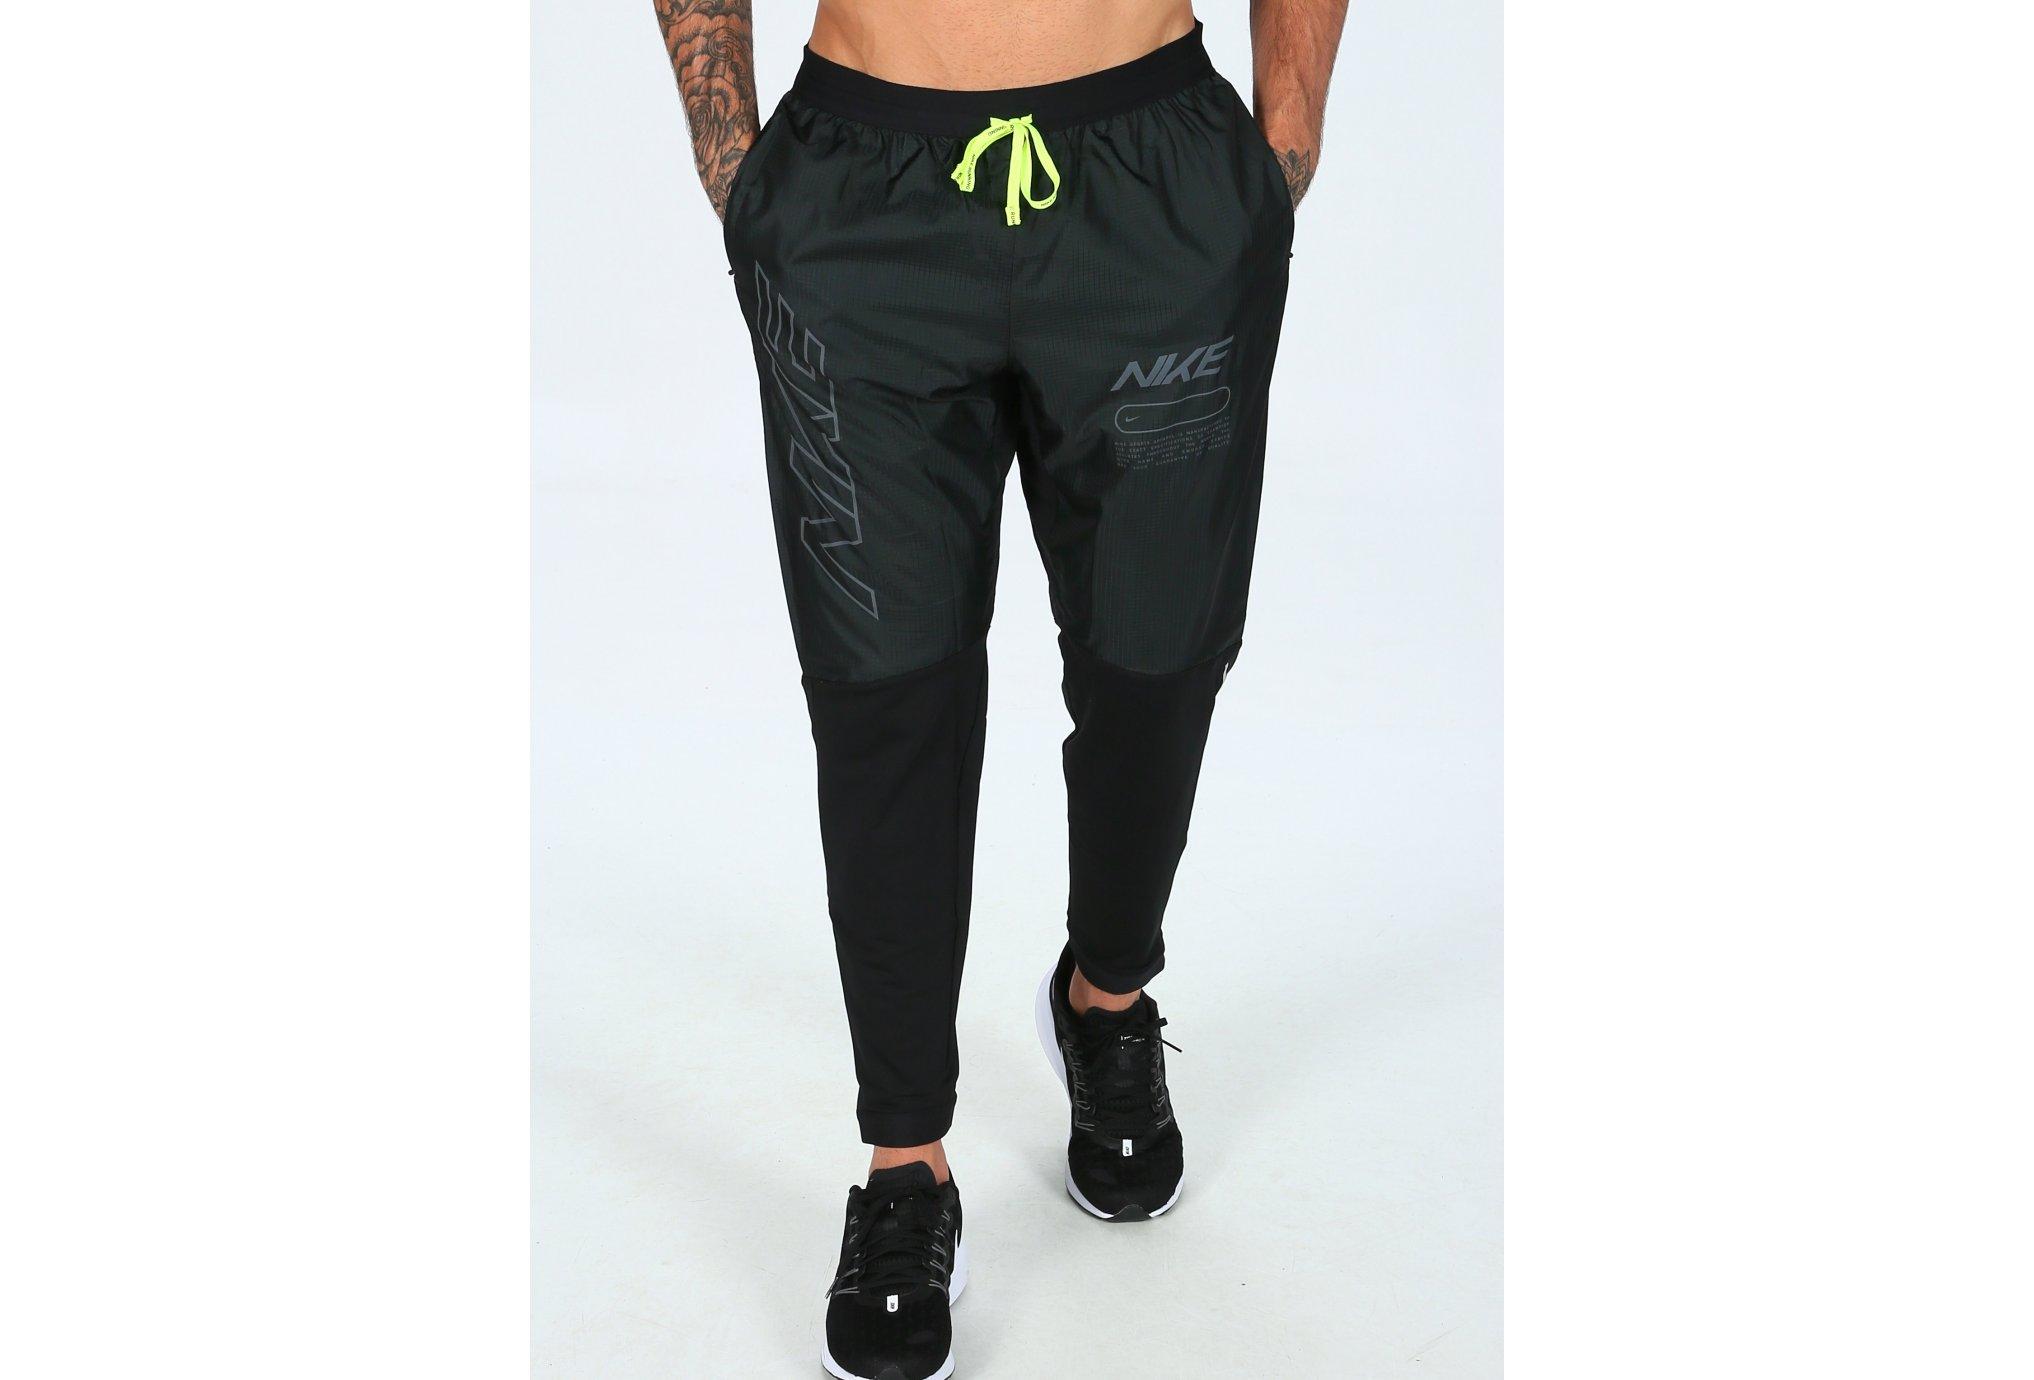 Nike Phenom Elite Track M vêtement running homme